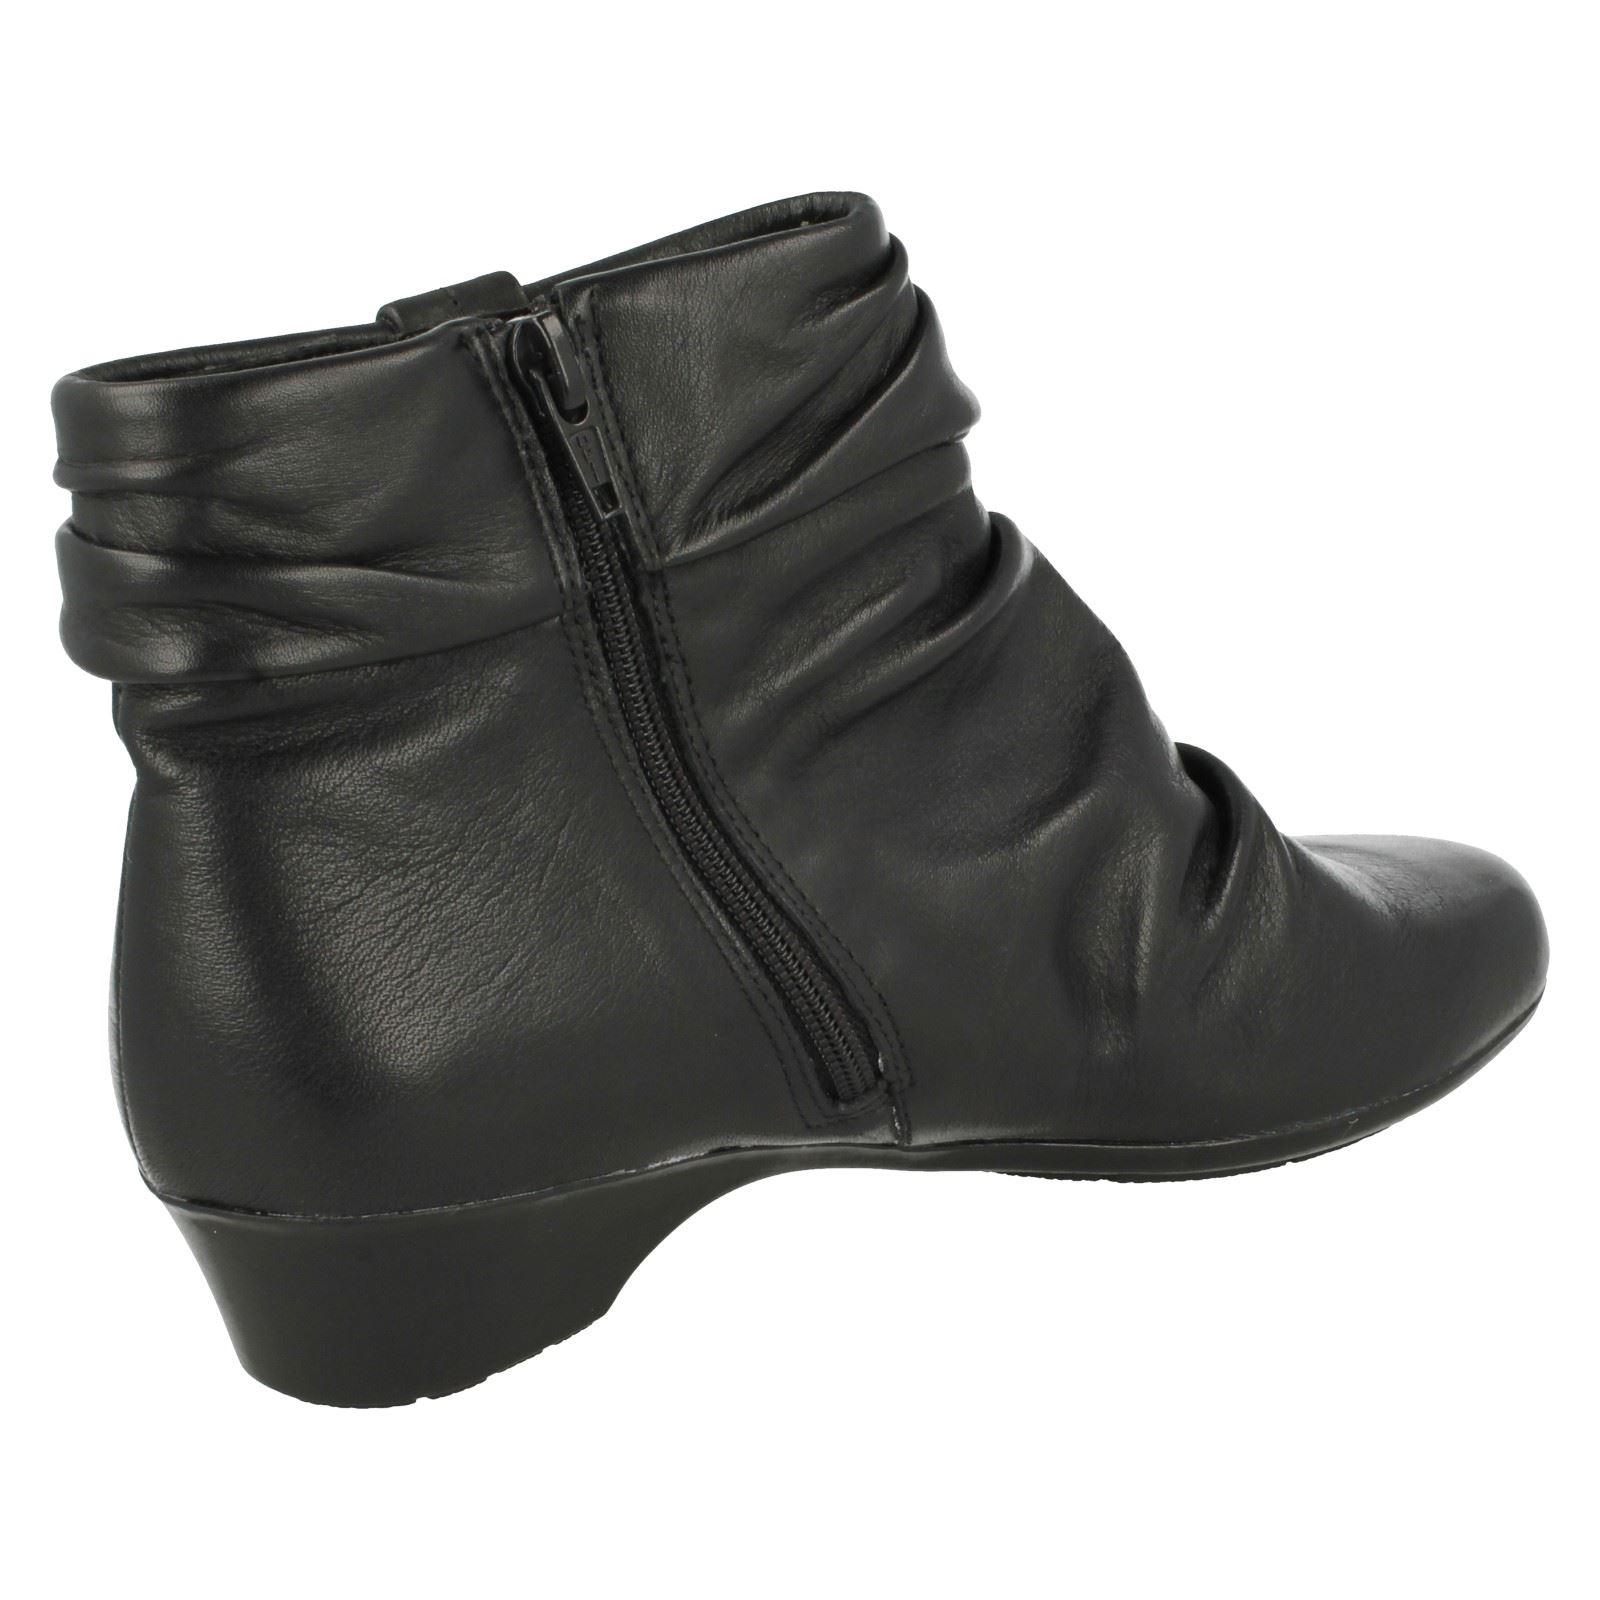 Da Donna Donna Donna K da Clarks Stivali Caviglia Matron Ella | Di Qualità Superiore  | Maschio/Ragazze Scarpa  d7b937